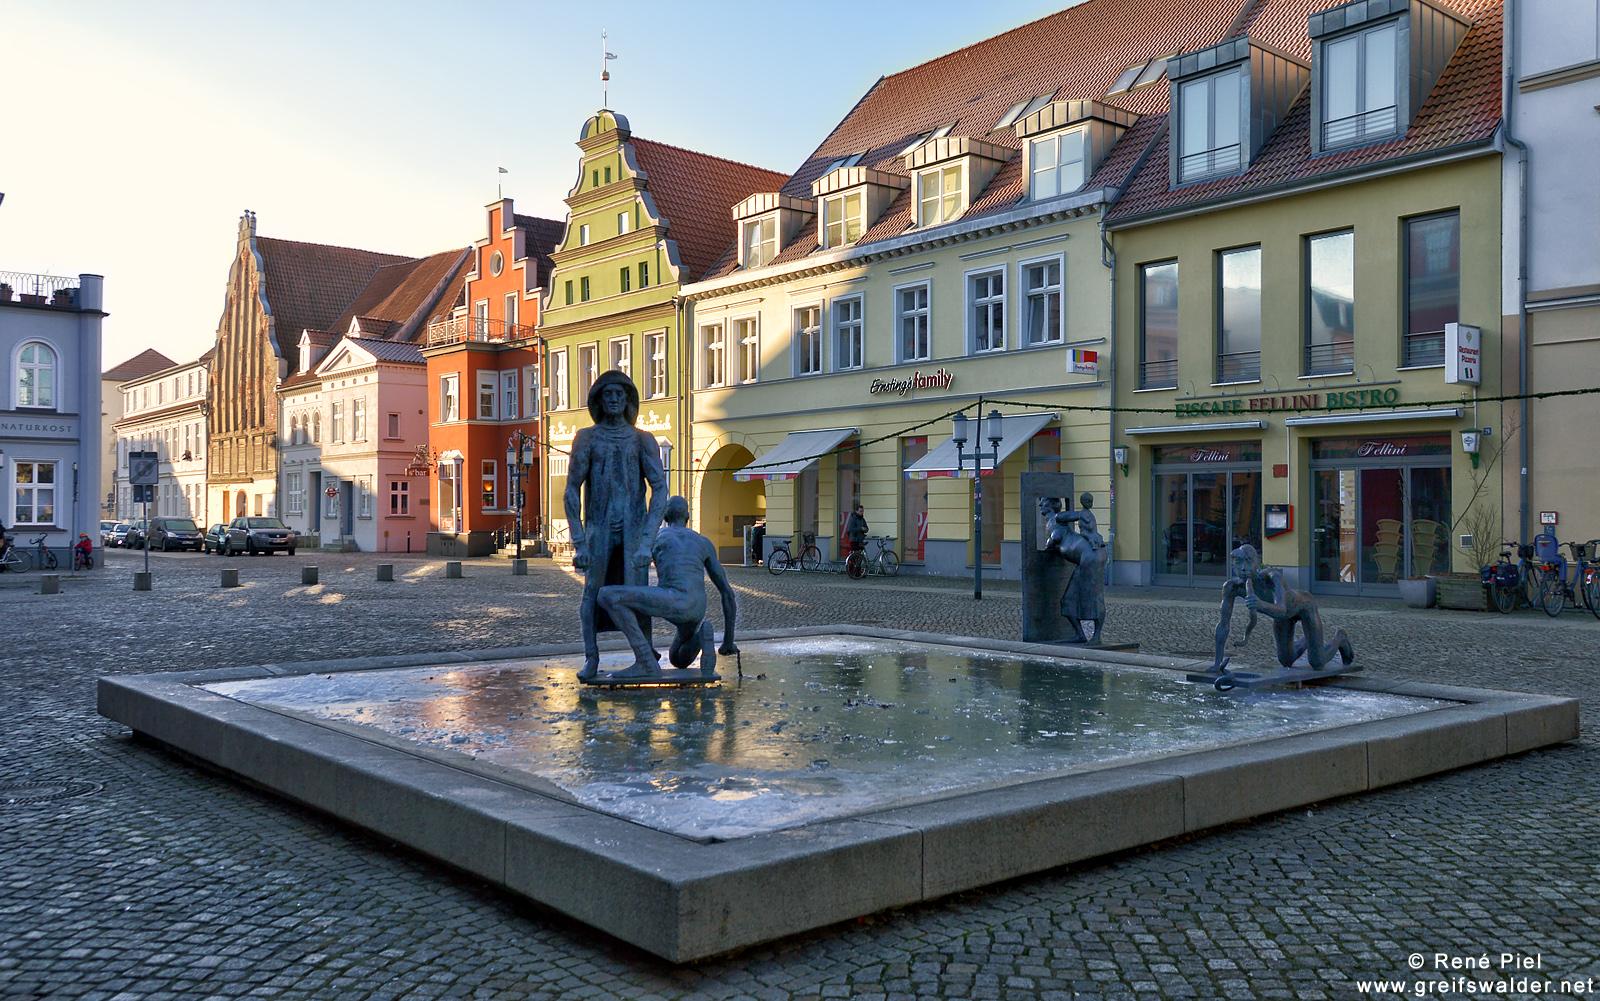 Fischerbrunnen auf dem Fischmarkt in Greifswald